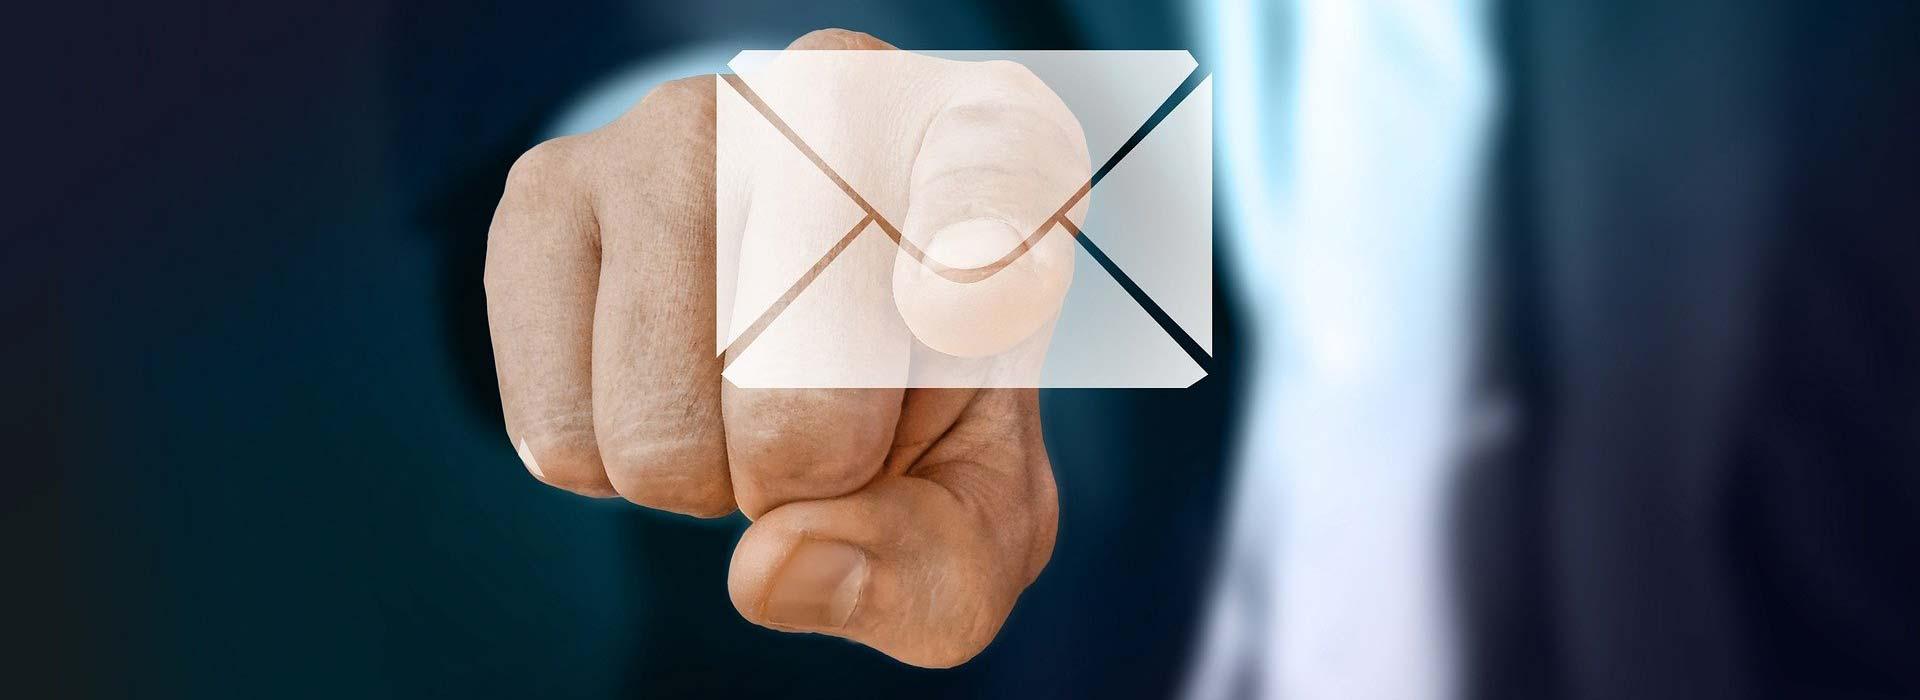 Allgemeine E-Mail Anfrage